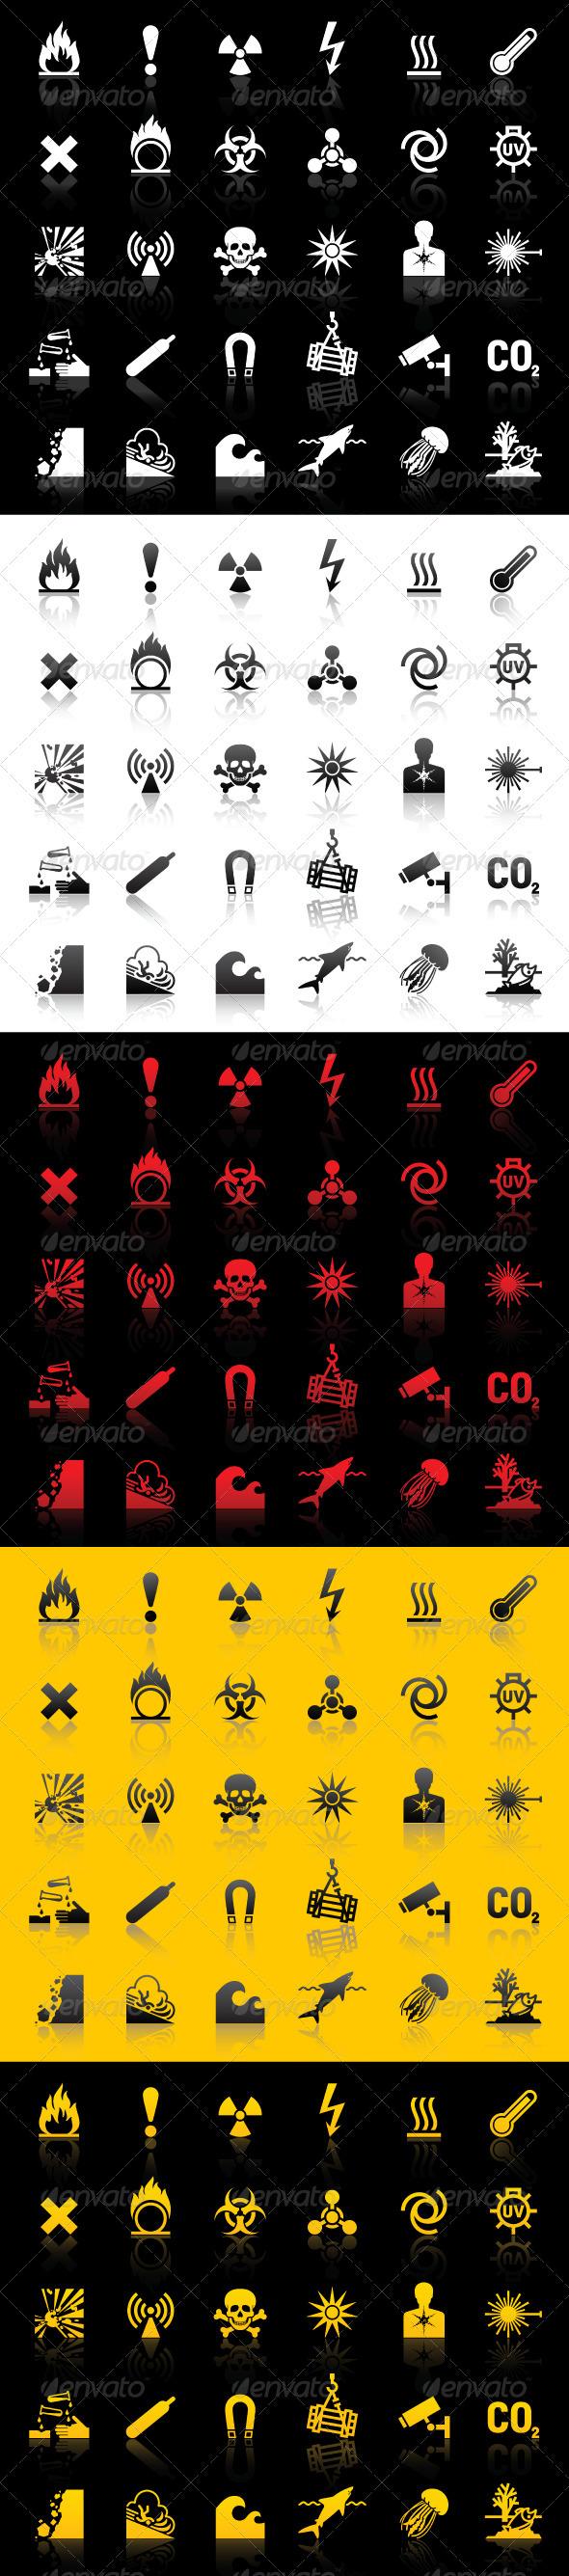 Symbols - Hazard warnings - Man-made objects Objects